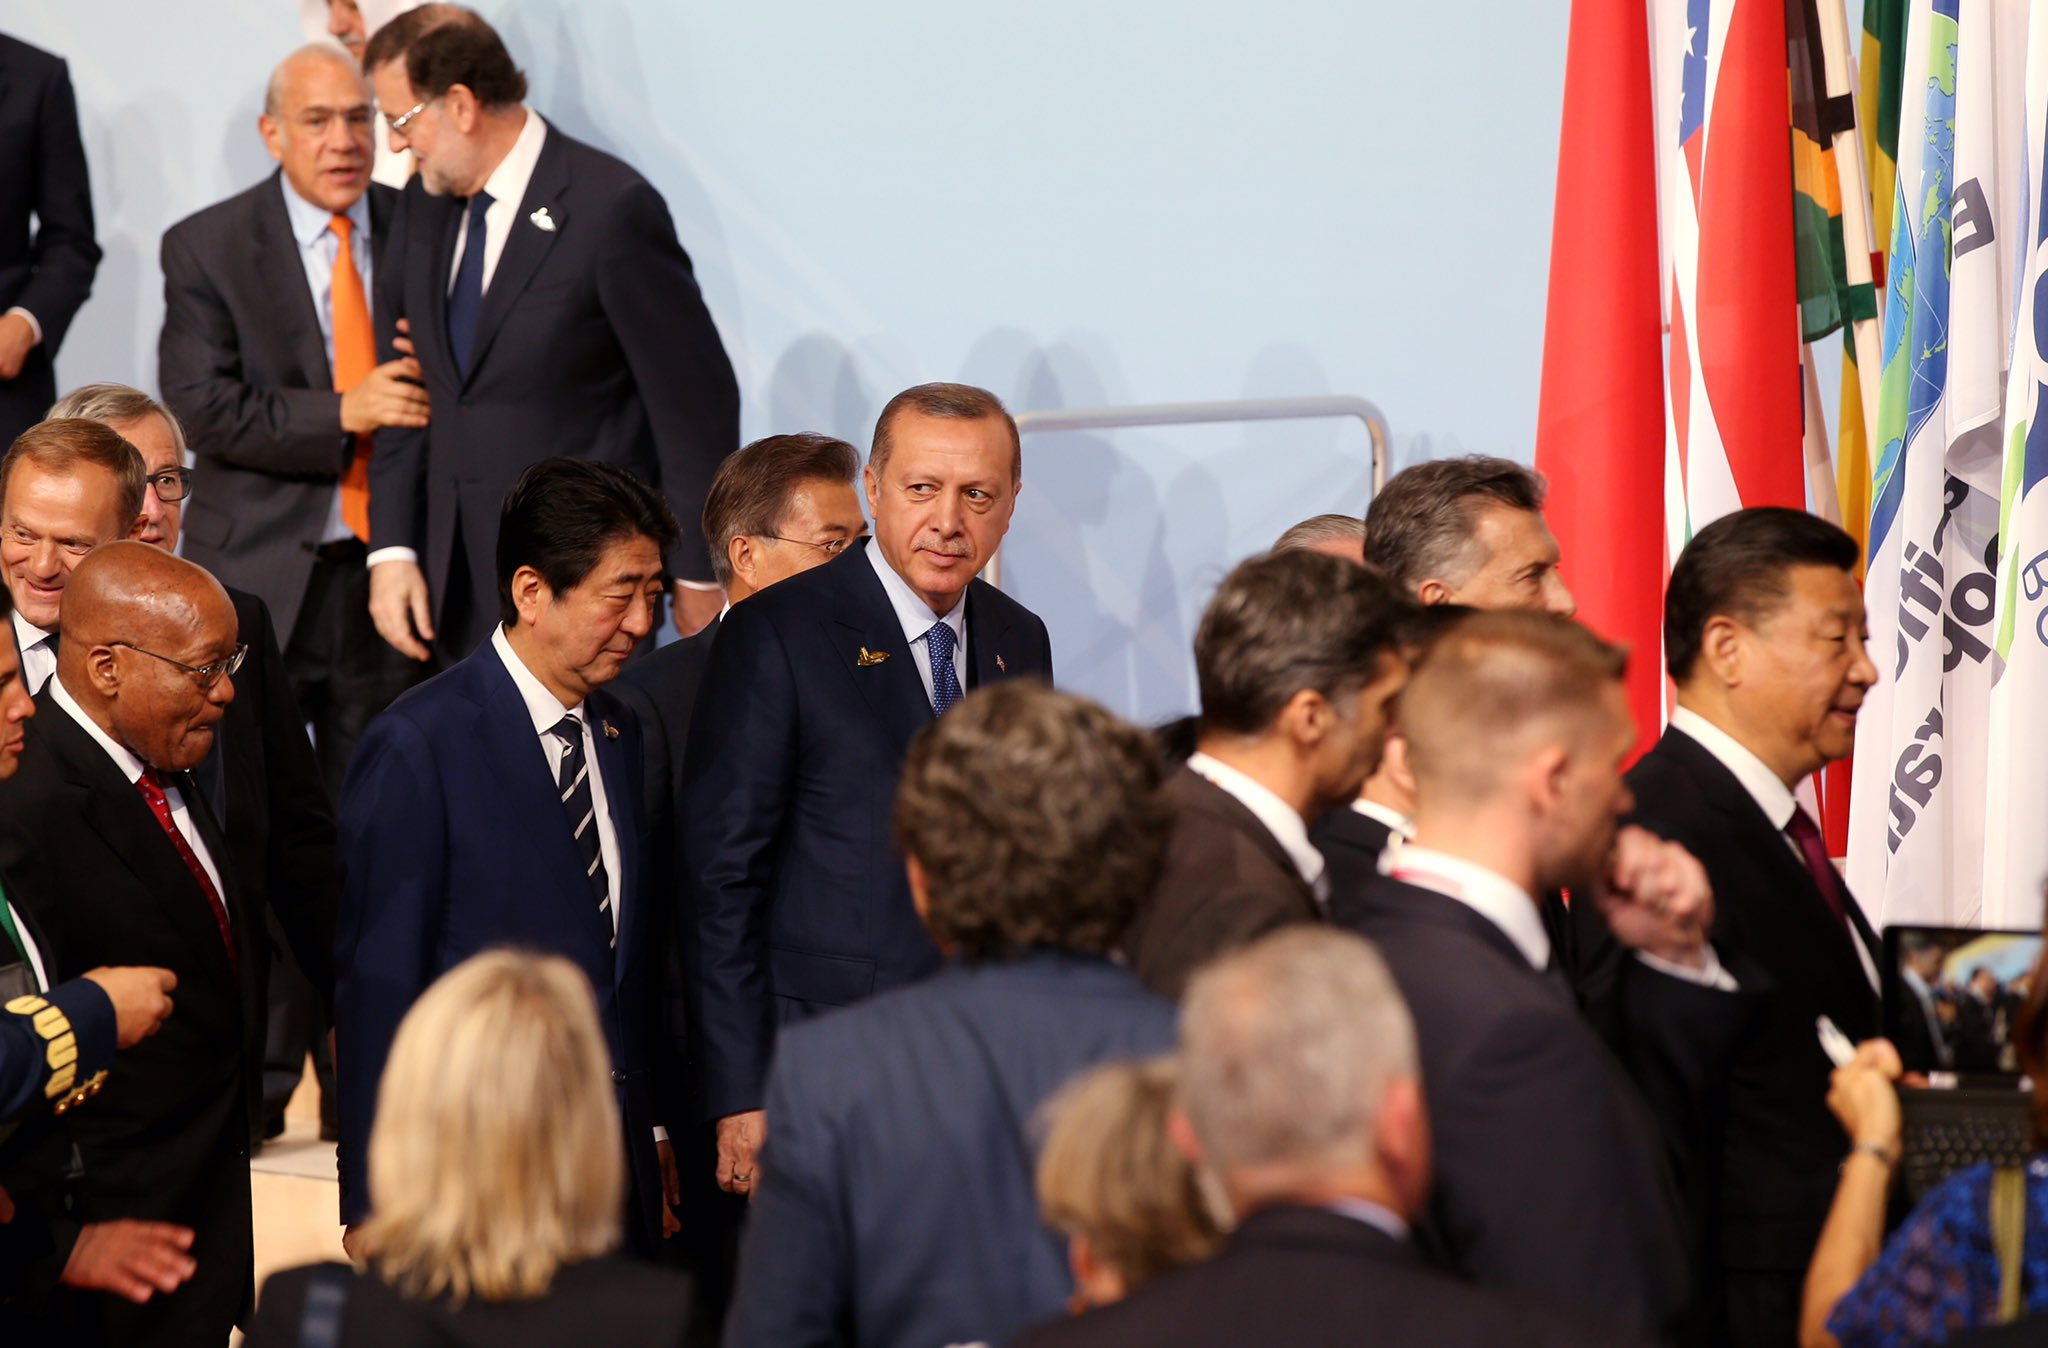 G-20 mekanizması, son yıllarda küresel ekonomik işbirliğine yönelik en etkili platform olarak öne çıkıyor. https://t.co/JW1jZdRsB8